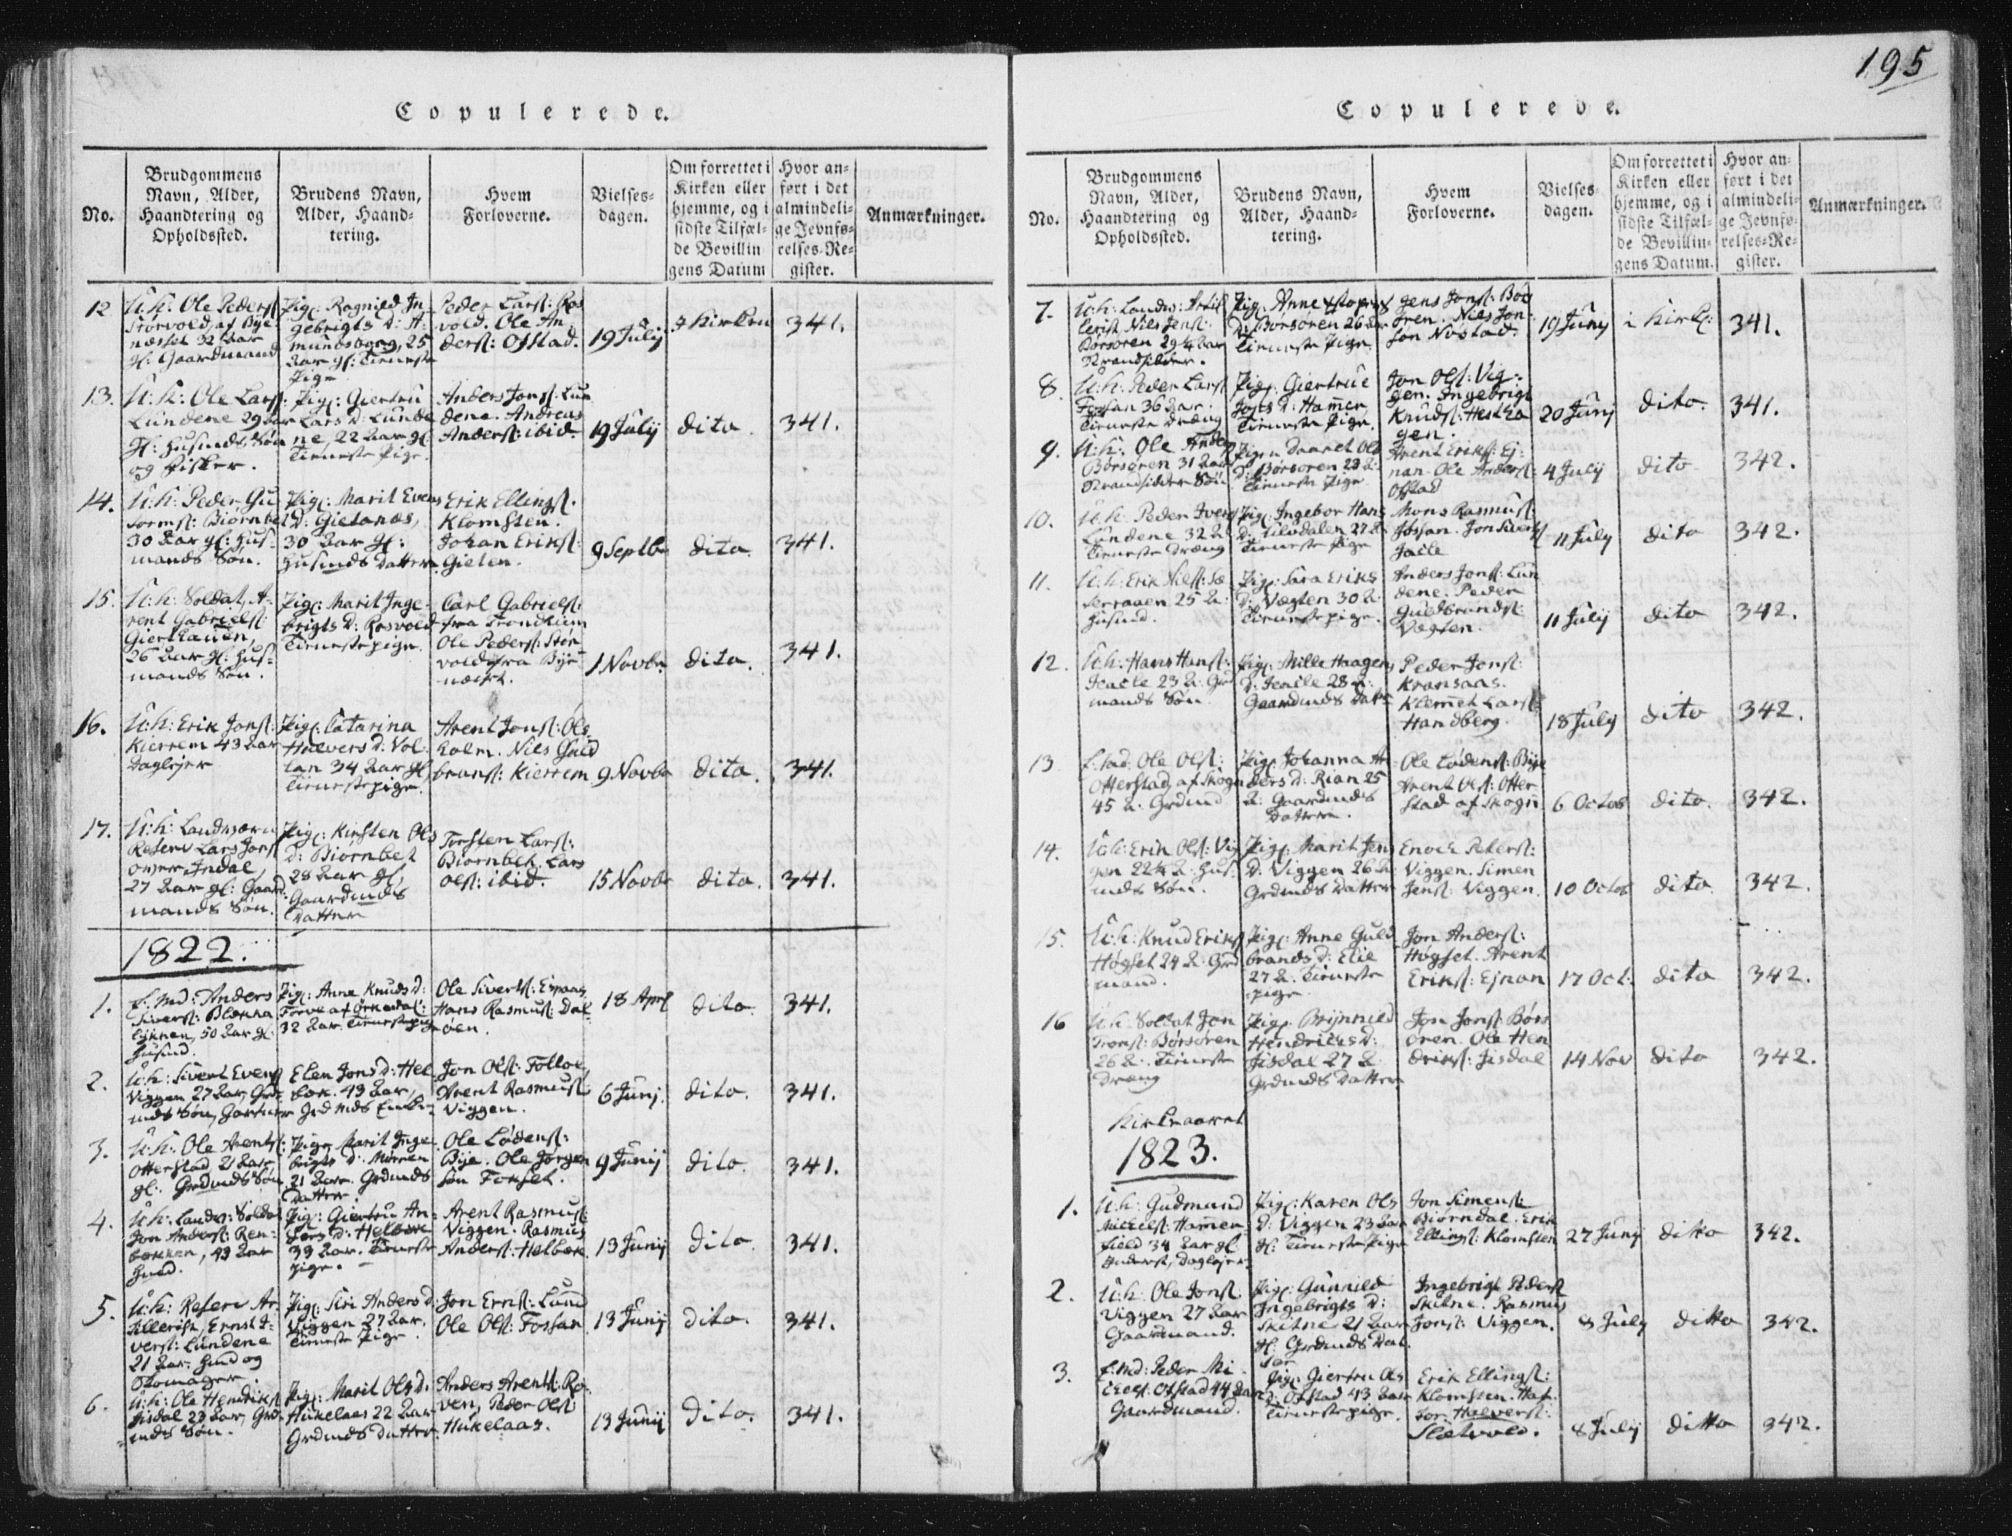 SAT, Ministerialprotokoller, klokkerbøker og fødselsregistre - Sør-Trøndelag, 665/L0770: Ministerialbok nr. 665A05, 1817-1829, s. 195